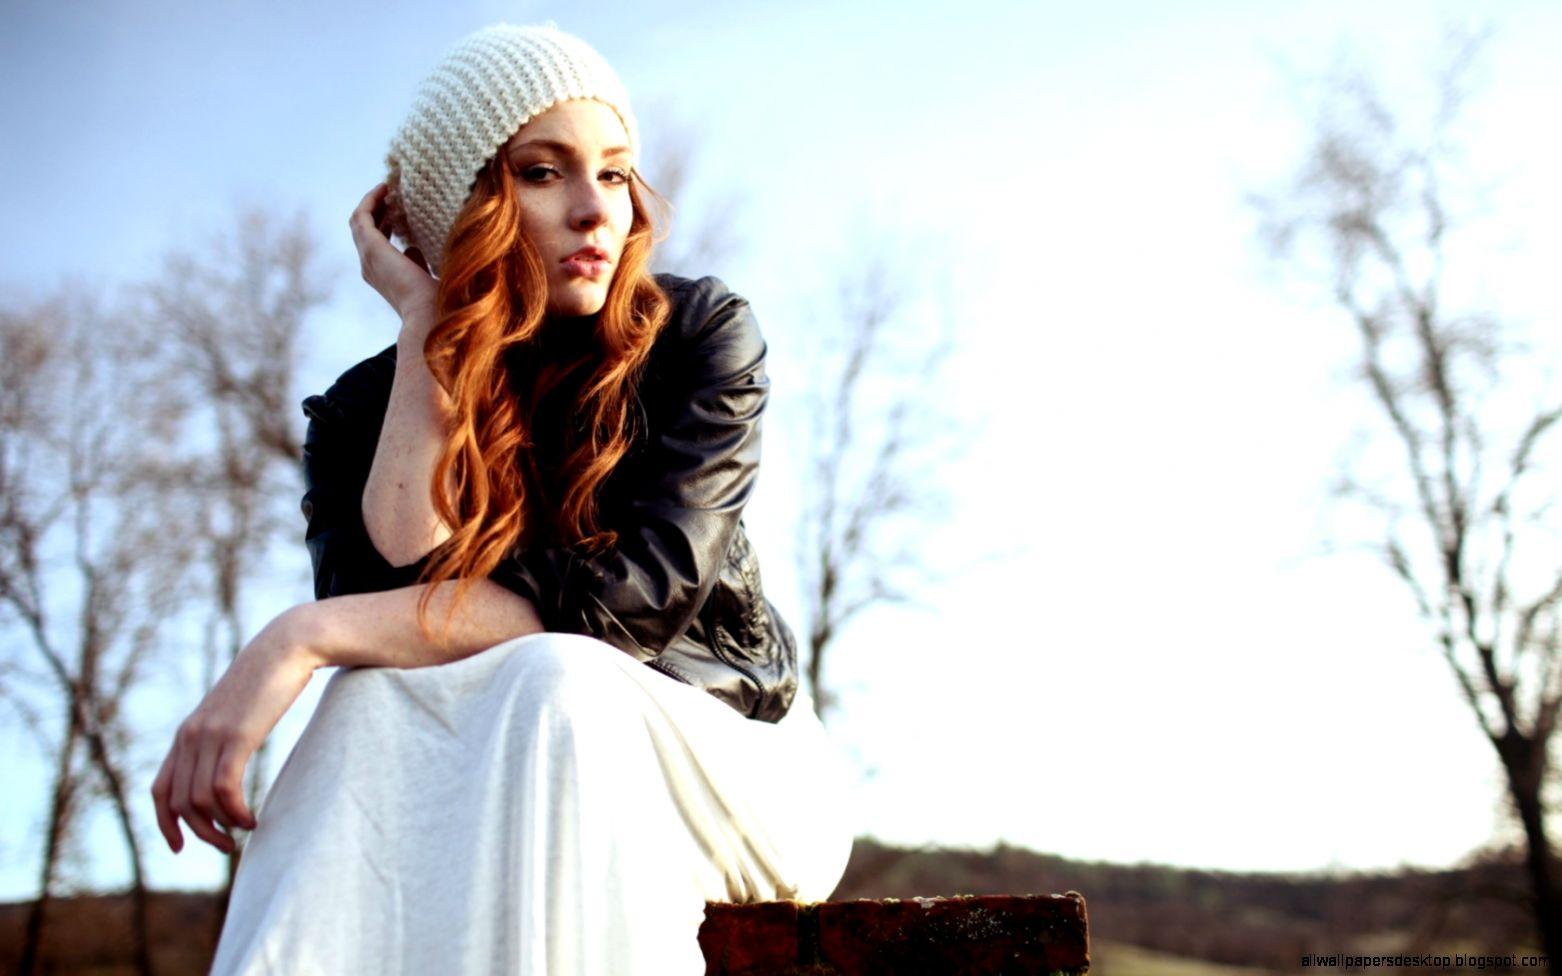 Redhead Girl Field Fashion 6929474